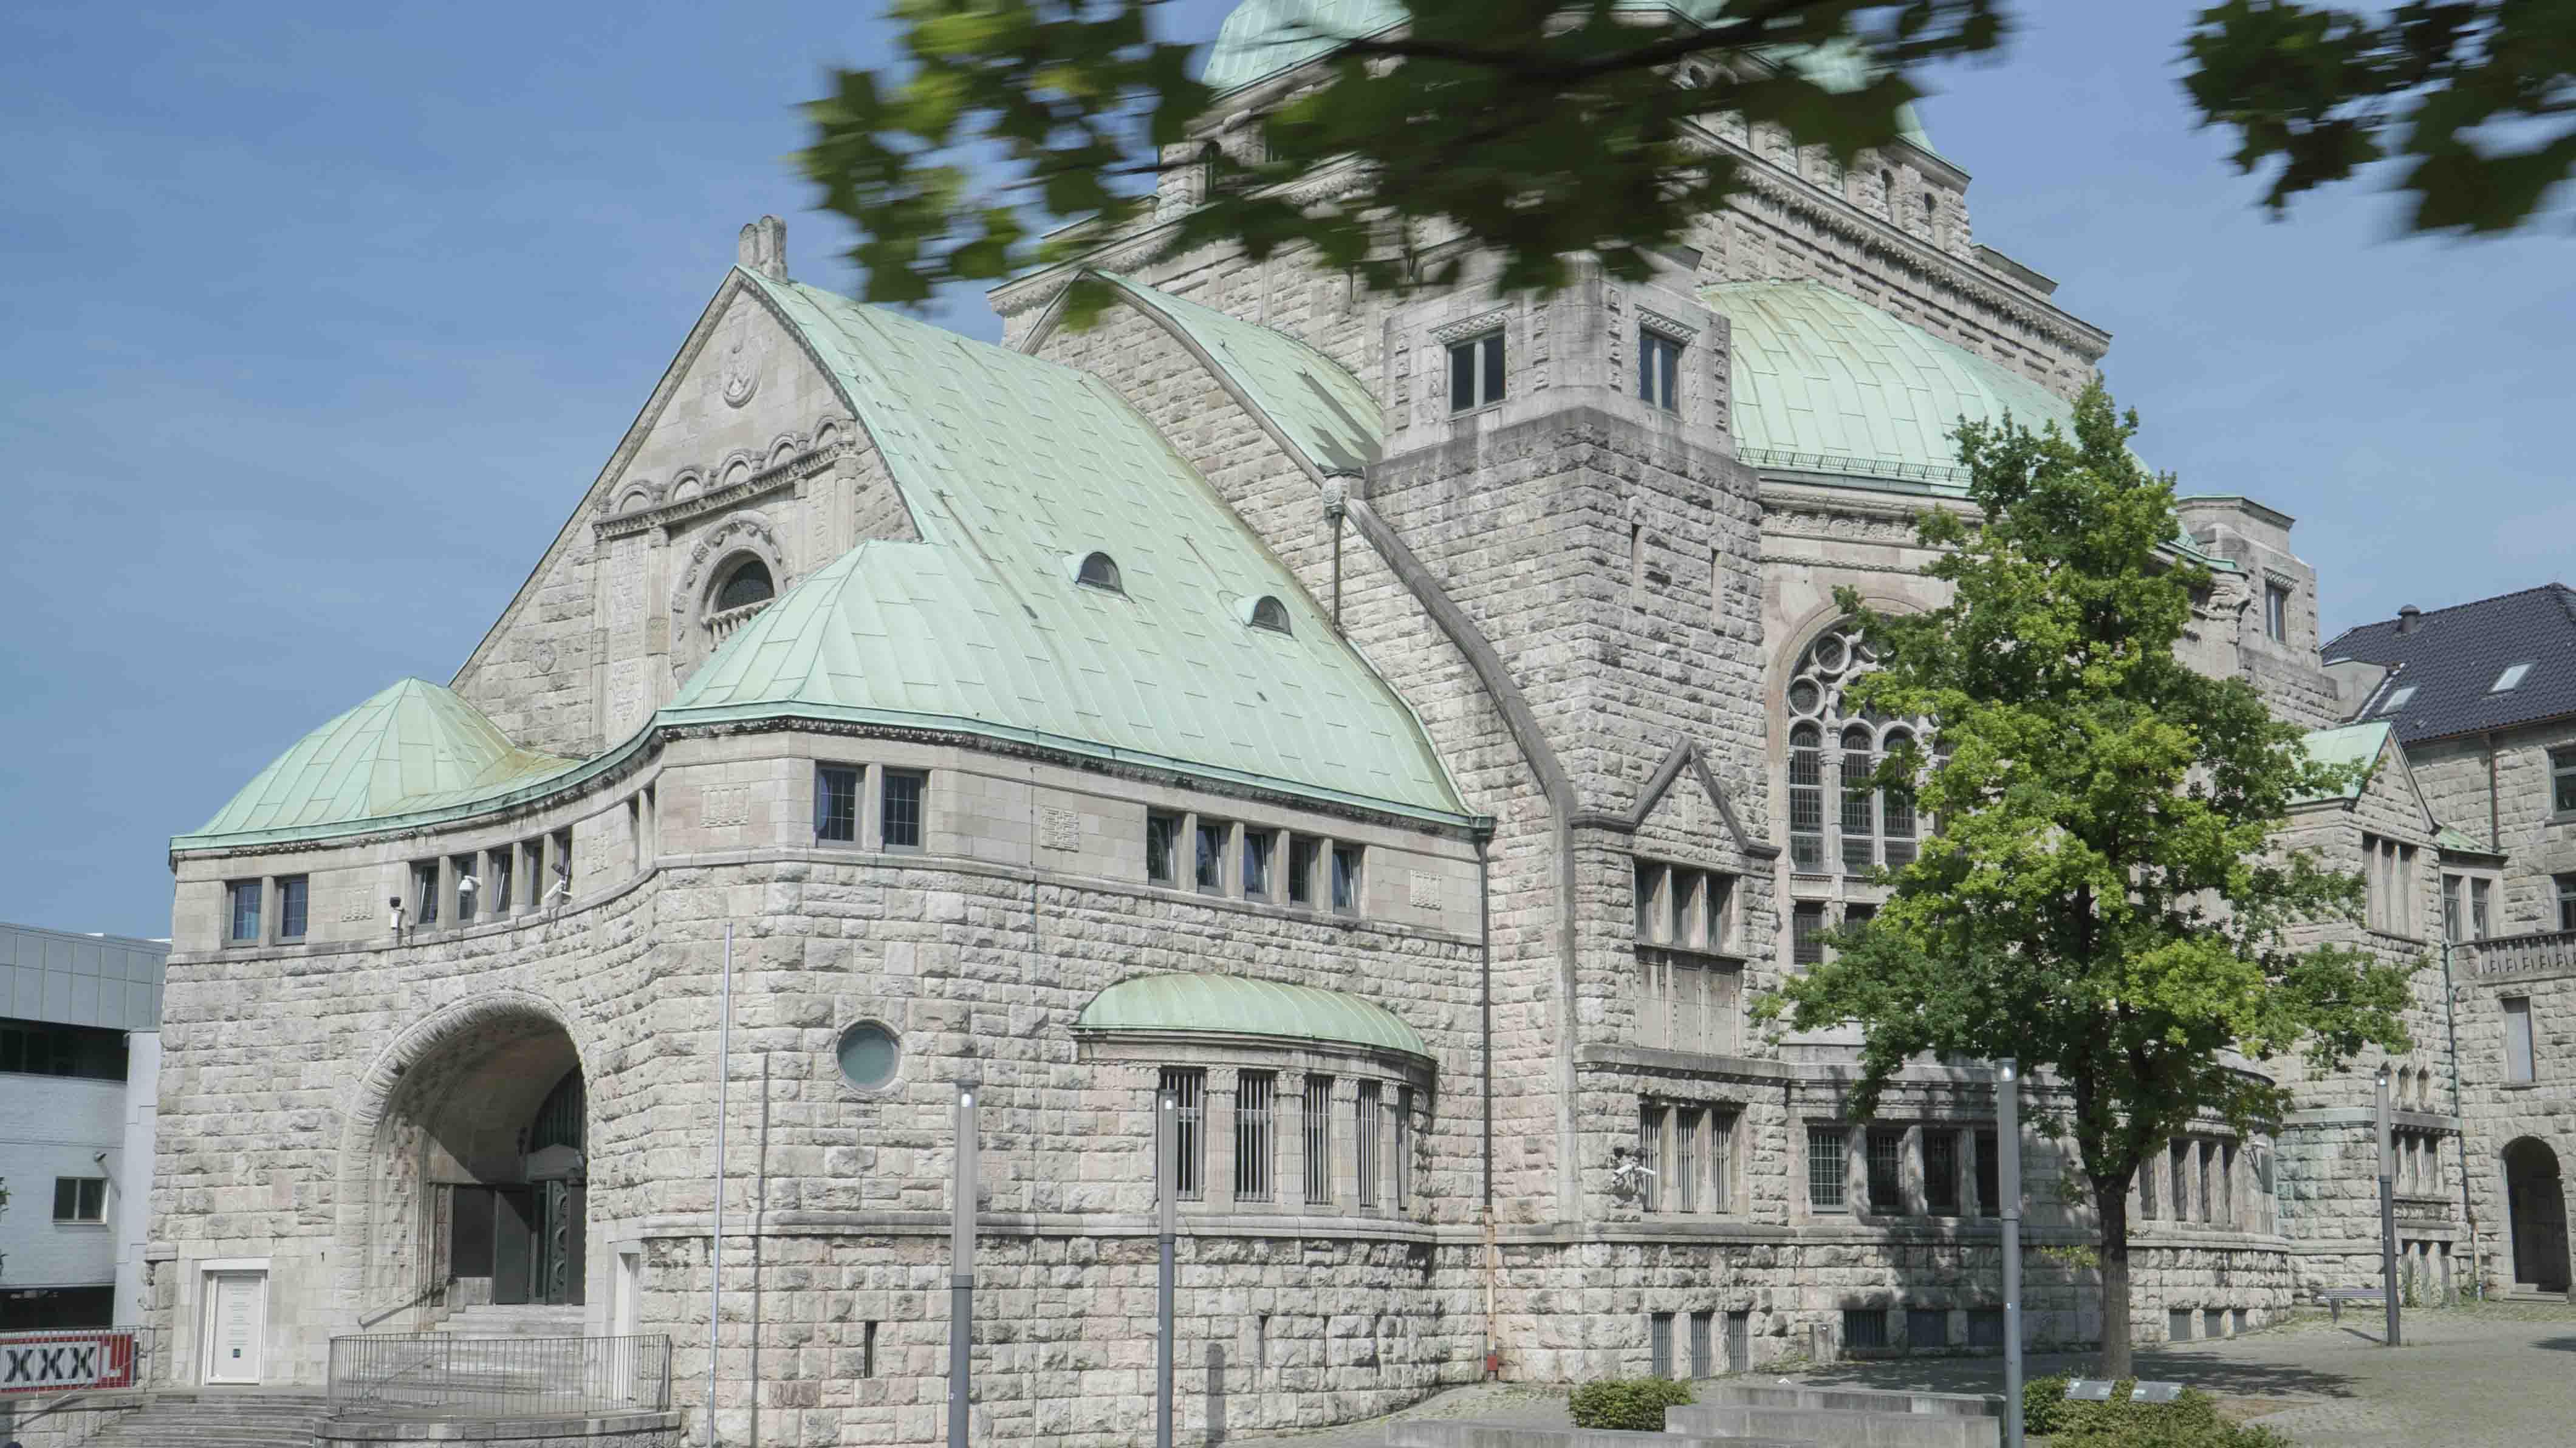 Kulturzentrum Alte Synagoge In Essen, 21.6.2017, Foto: Robert B. Fishman